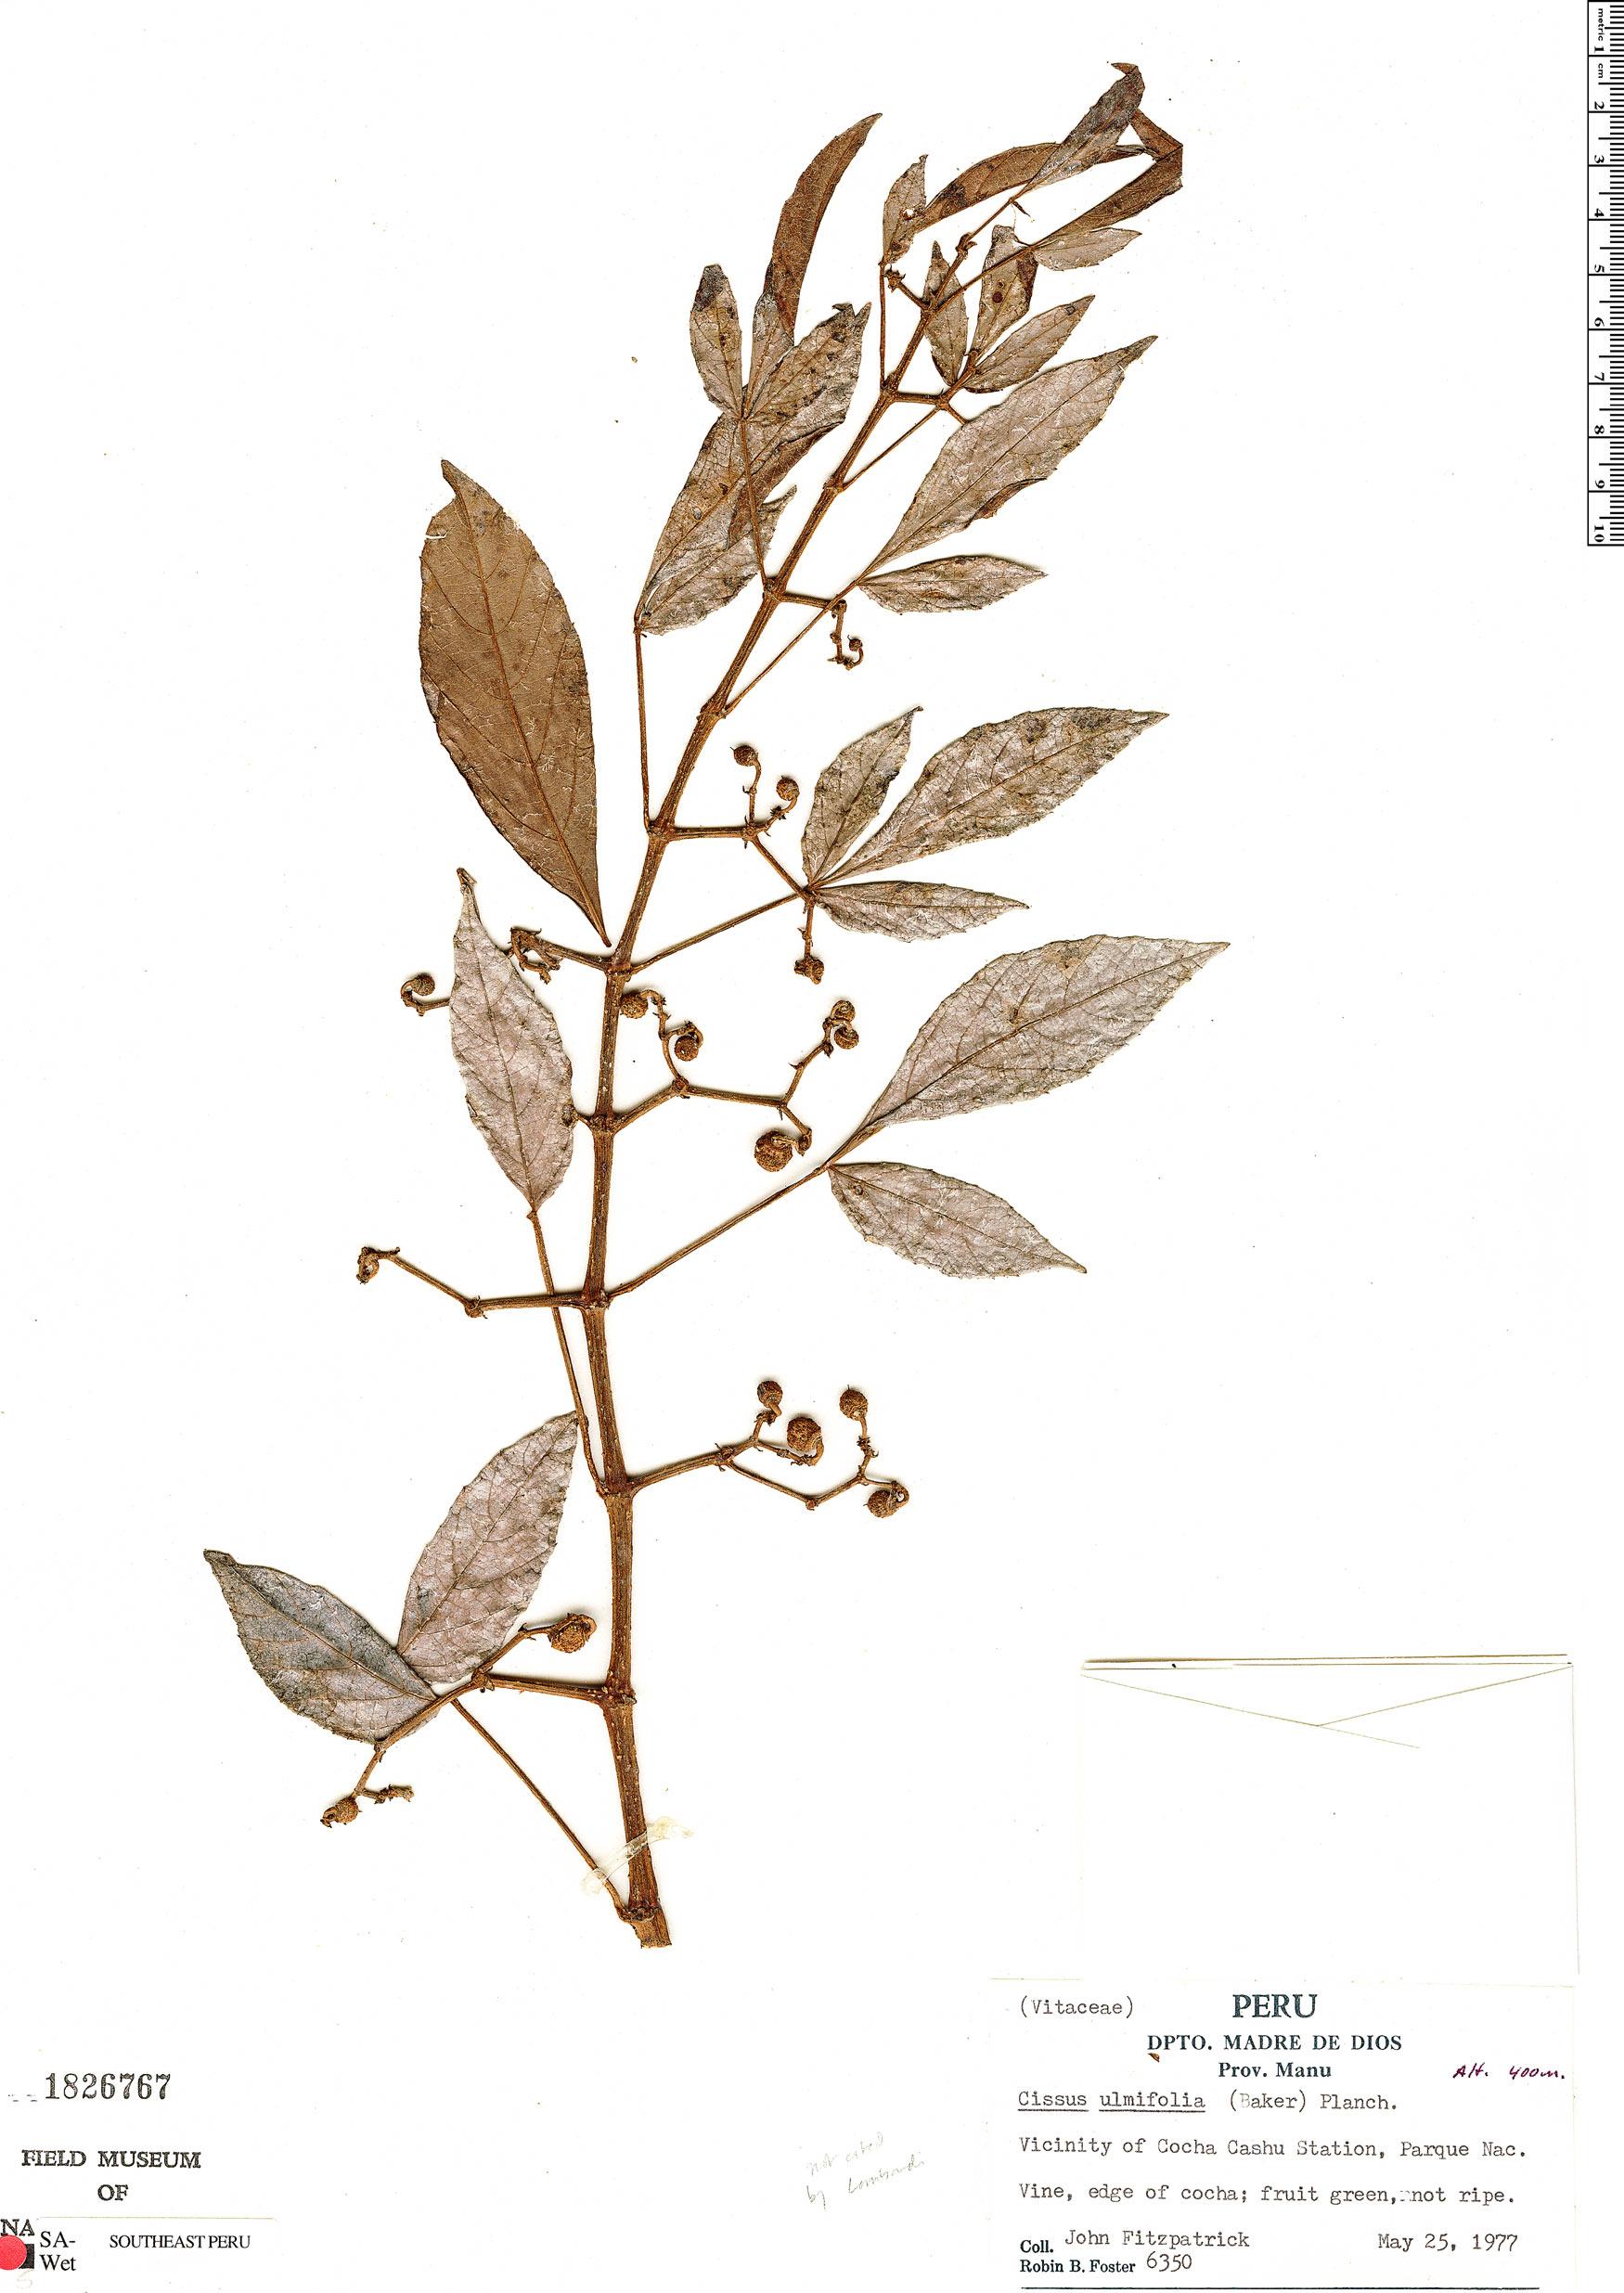 Specimen: Cissus ulmifolia